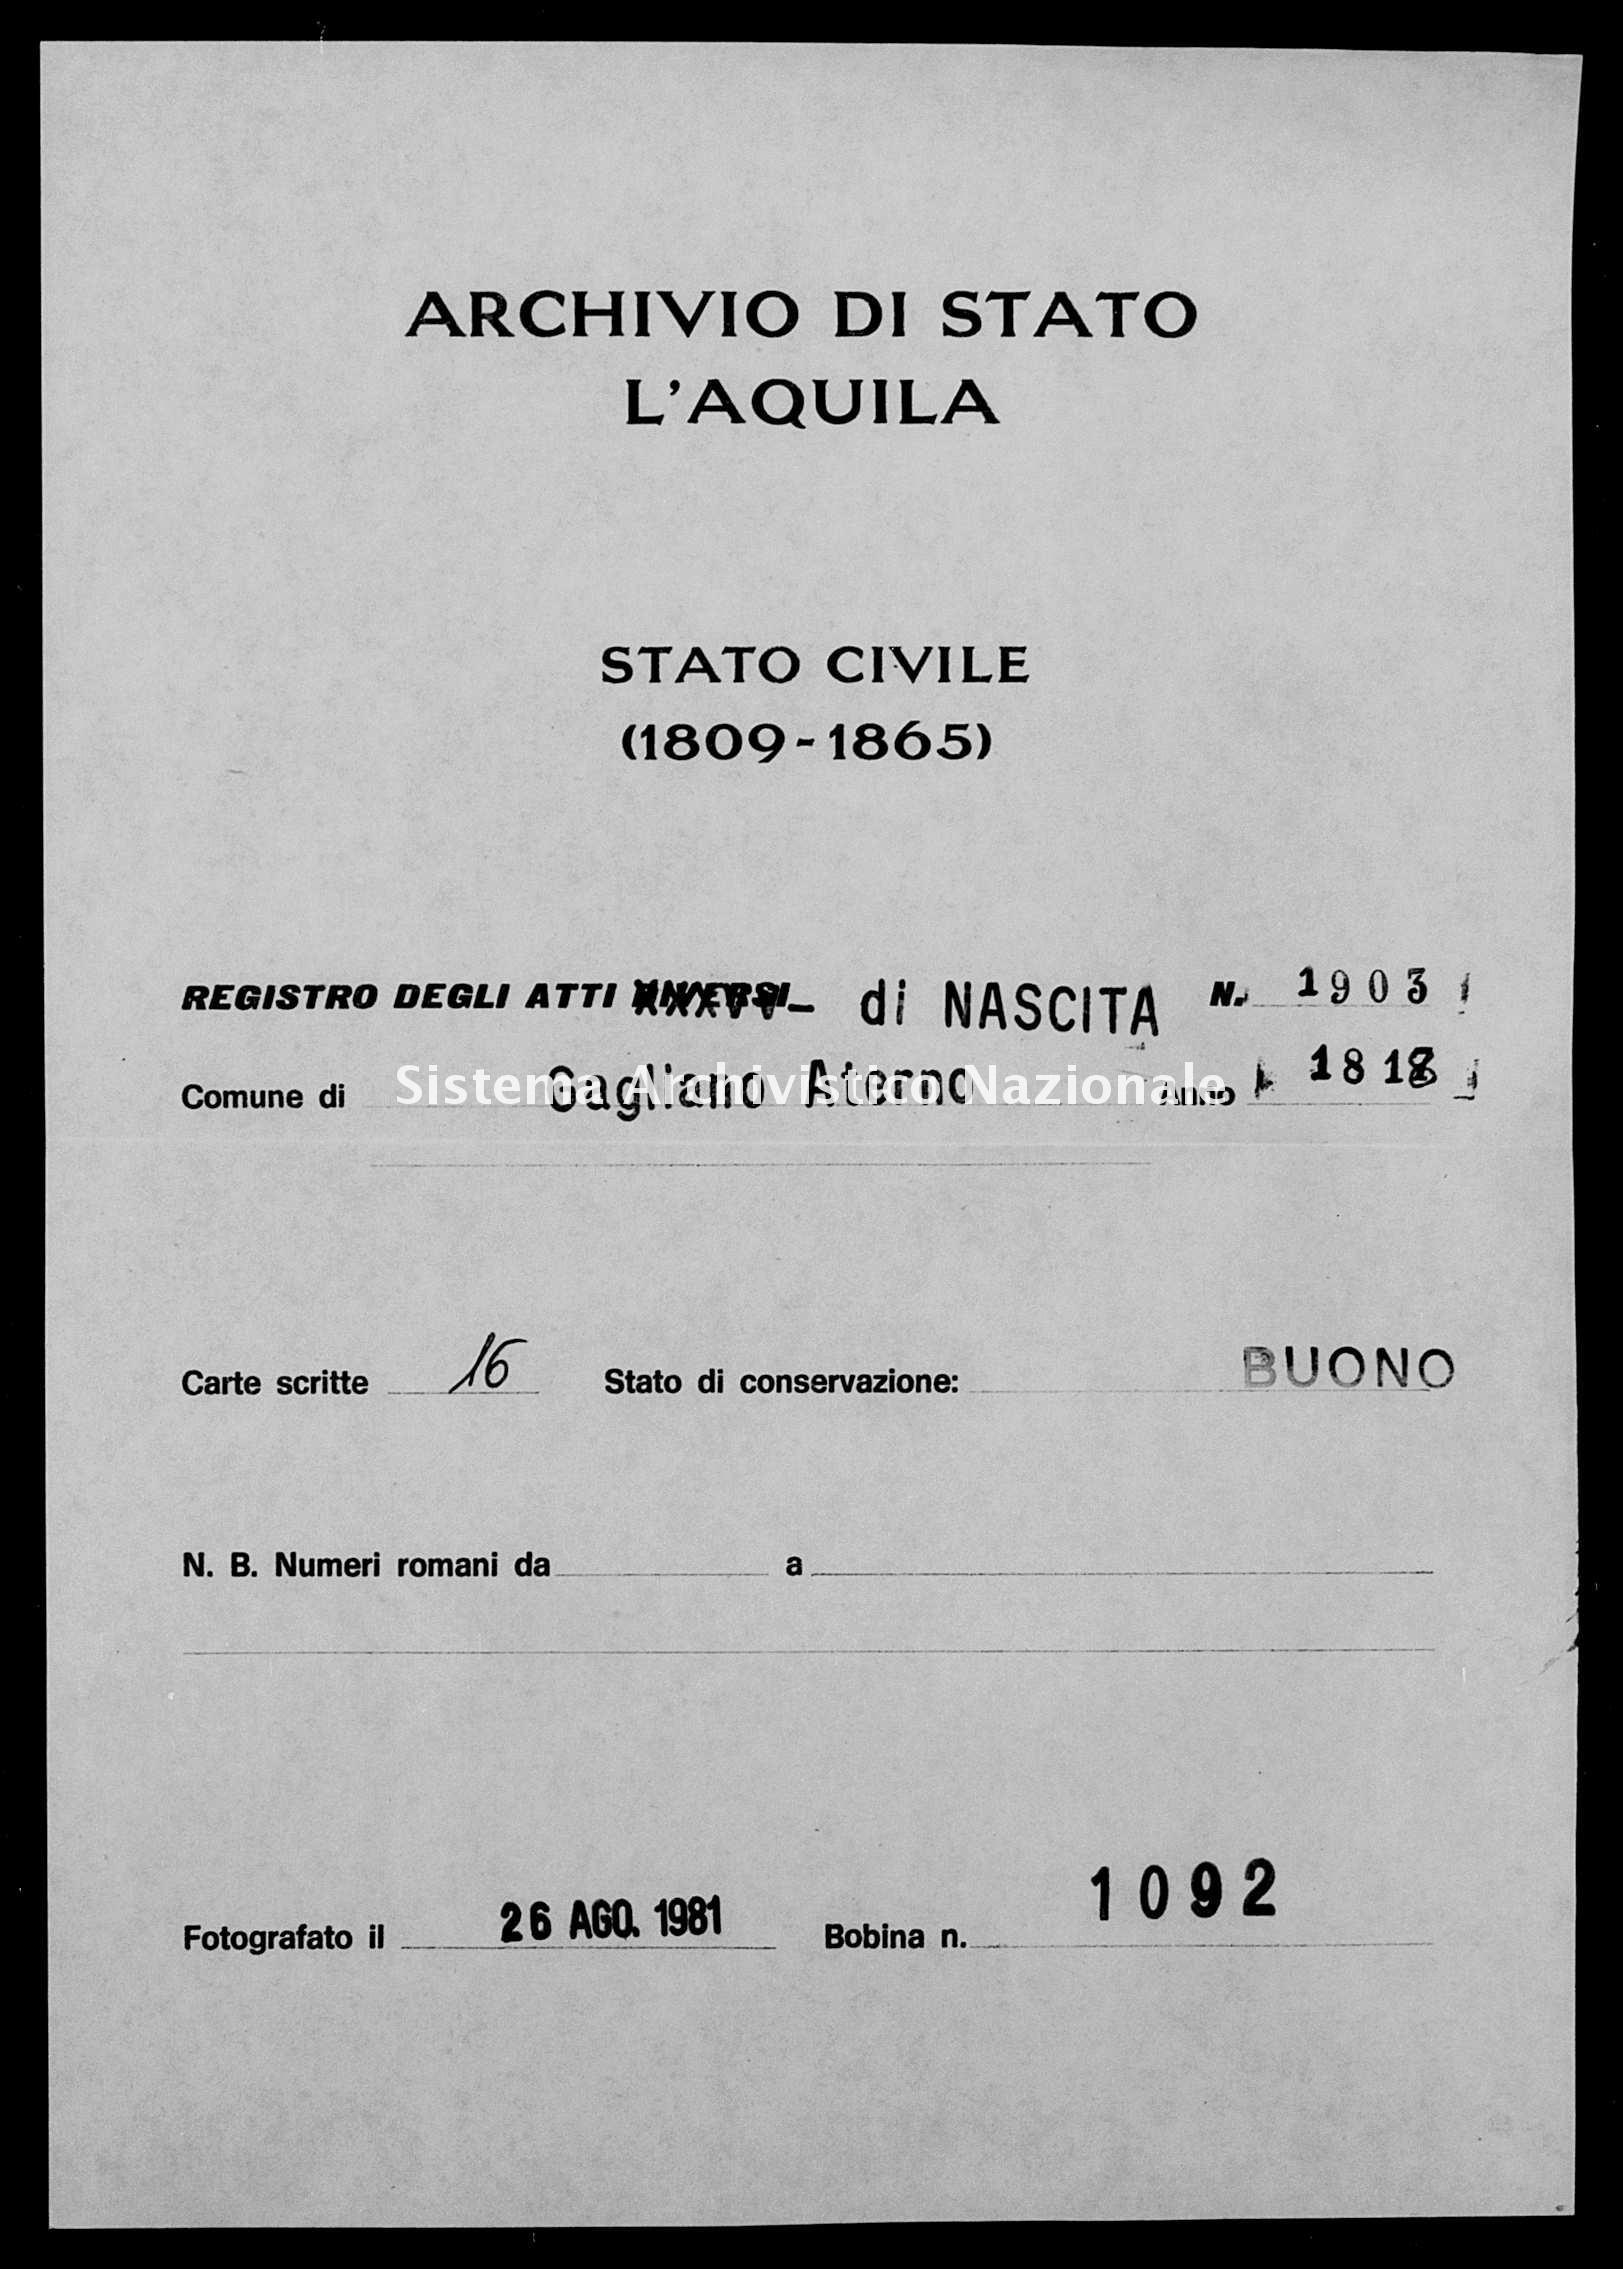 Archivio di stato di L'aquila - Stato civile della restaurazione - Gagliano Aterno - Nati - 1818 - 1903 -